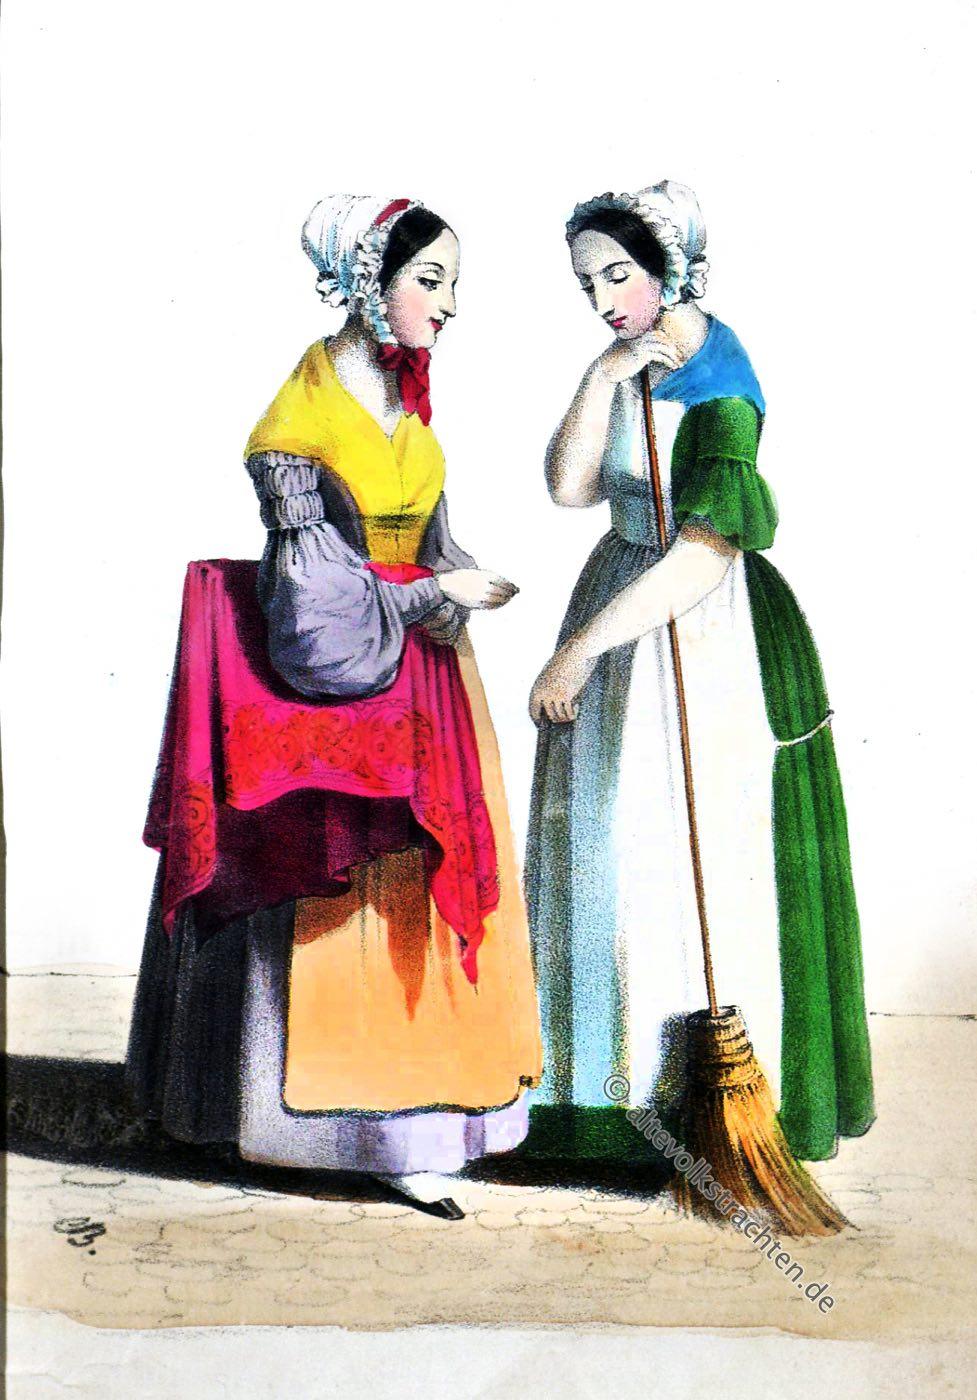 Dienstmädchen, Köchin, Kleinmädchen, Hamburg, Kostüme, Modegeschichte, Friedrich Georg Buek